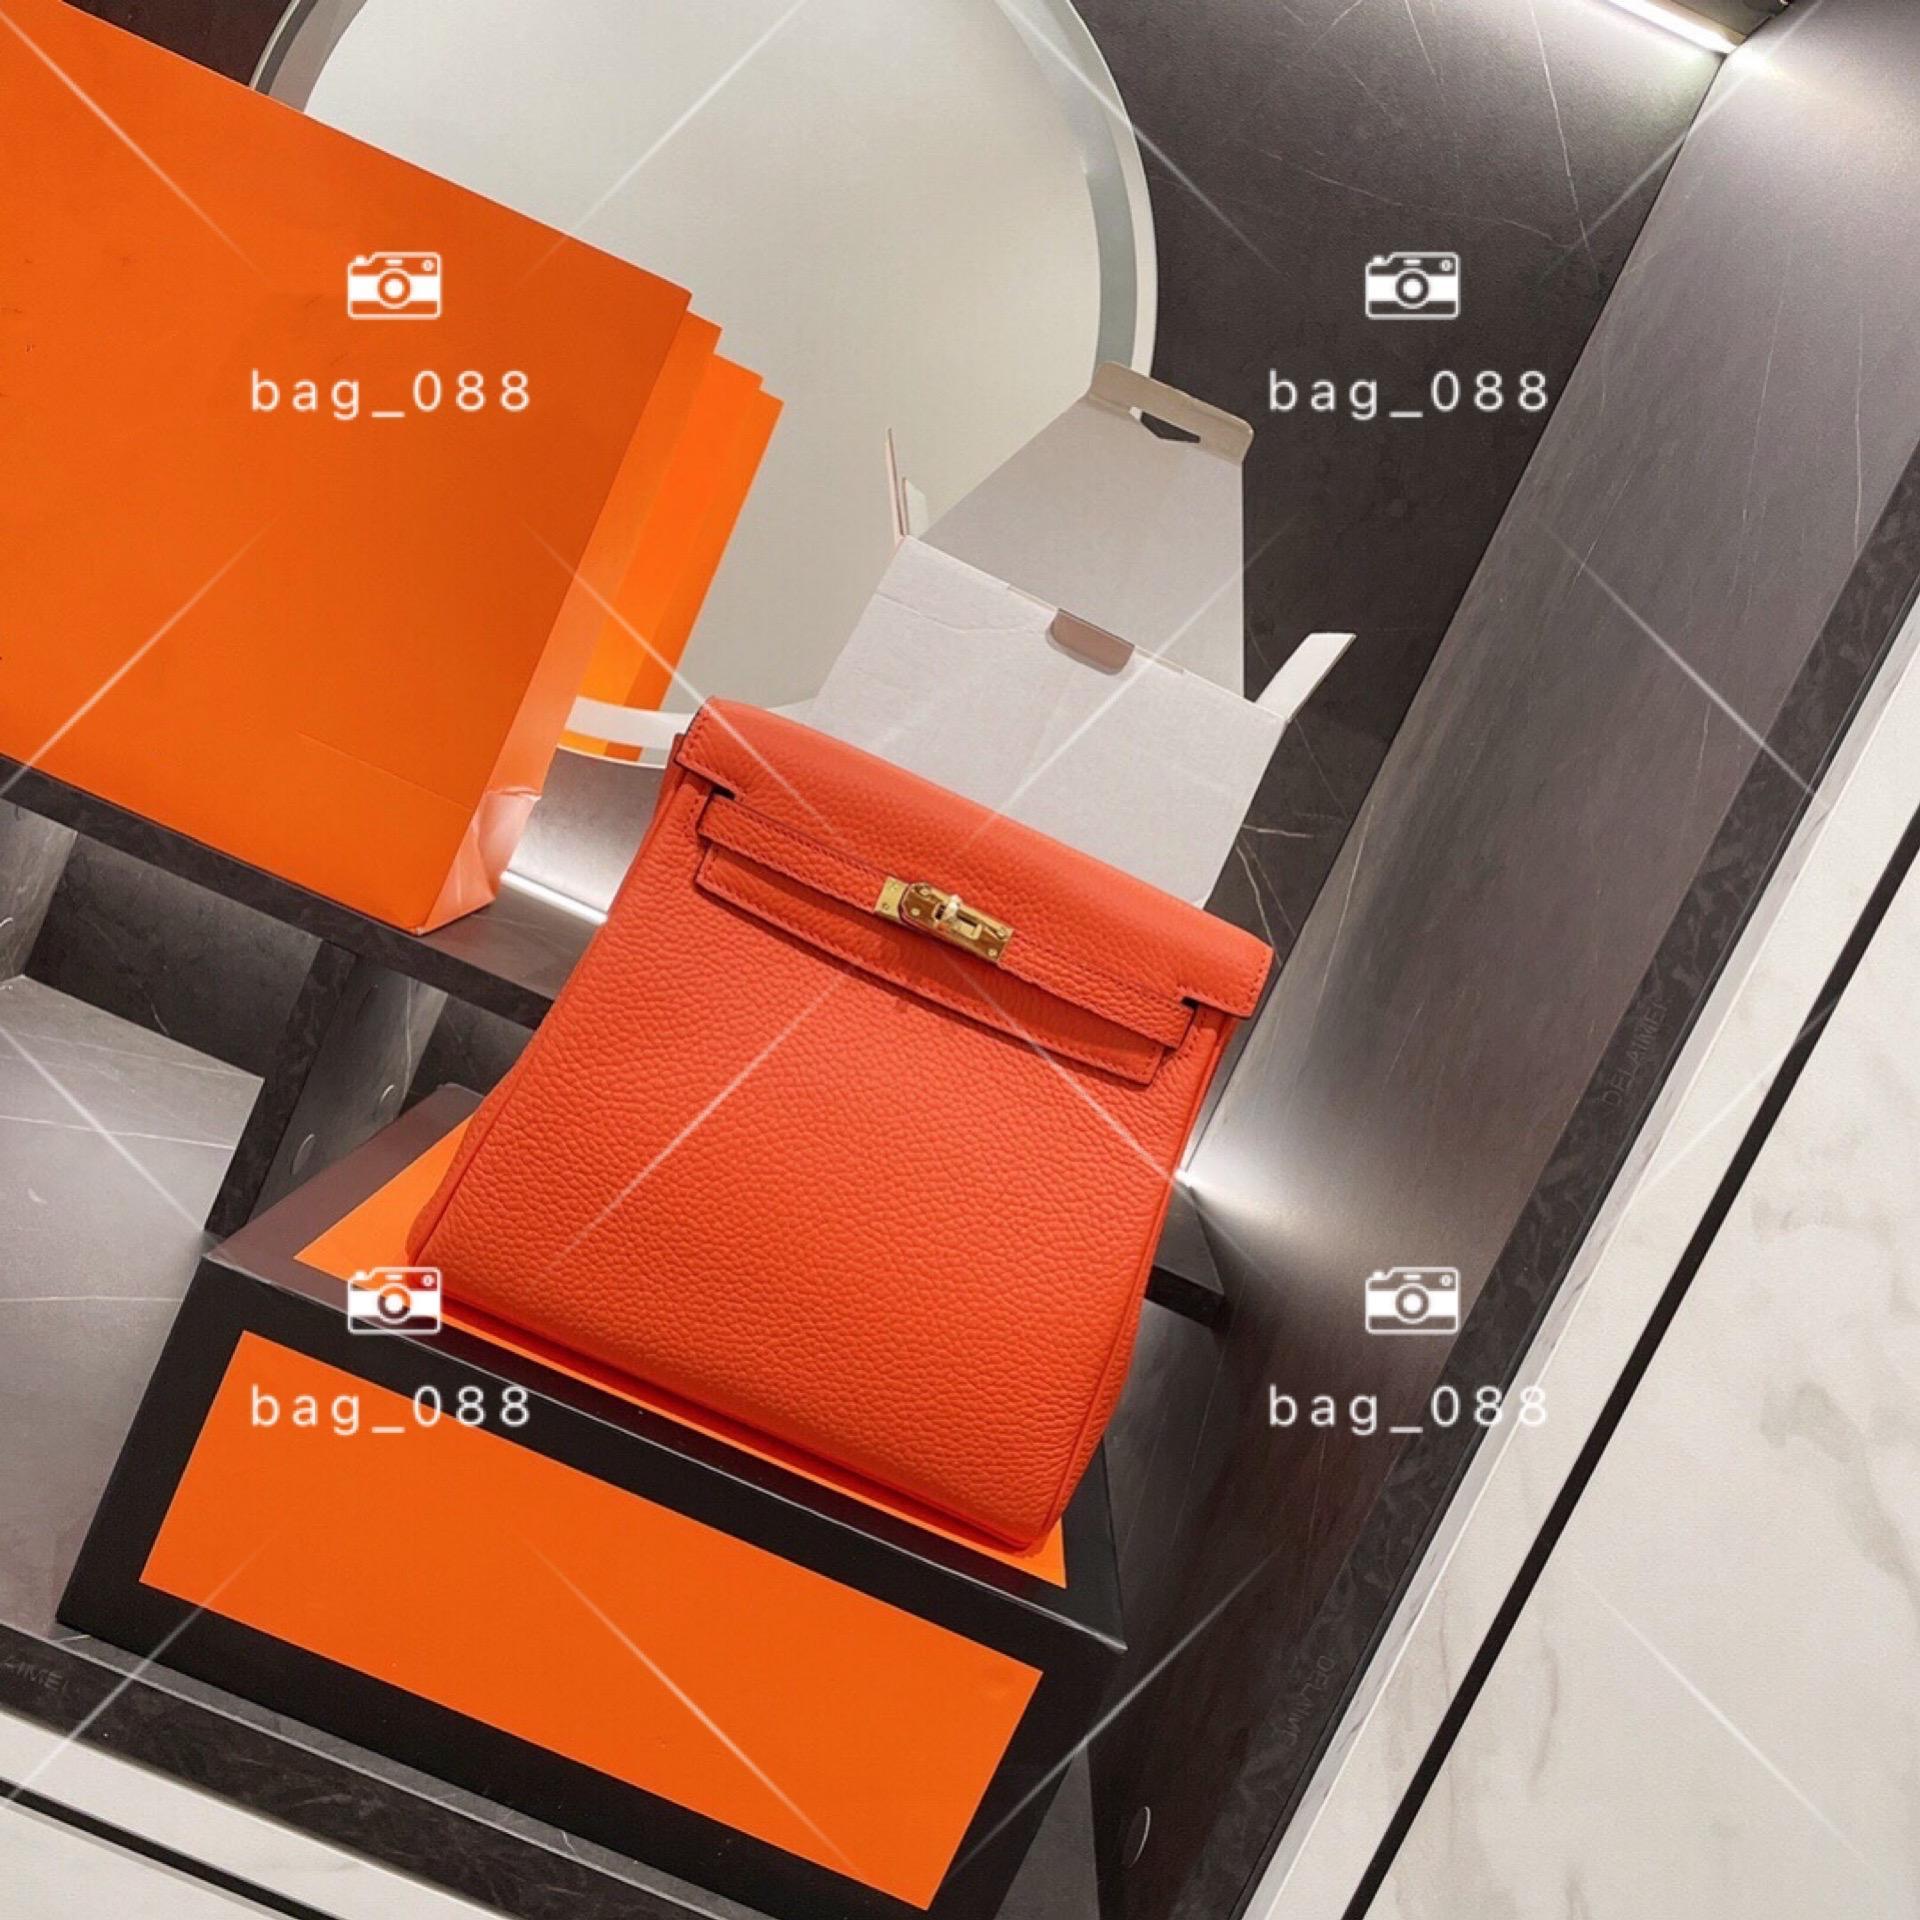 حقيبة الظهر الفاخرة النسائية حقيبة الظهر مع مستوى مظهر عالية متعددة الوظائف حقائب الأعمال حقيبة السفر في رحلات مدرسية جودة متعددة الألوان